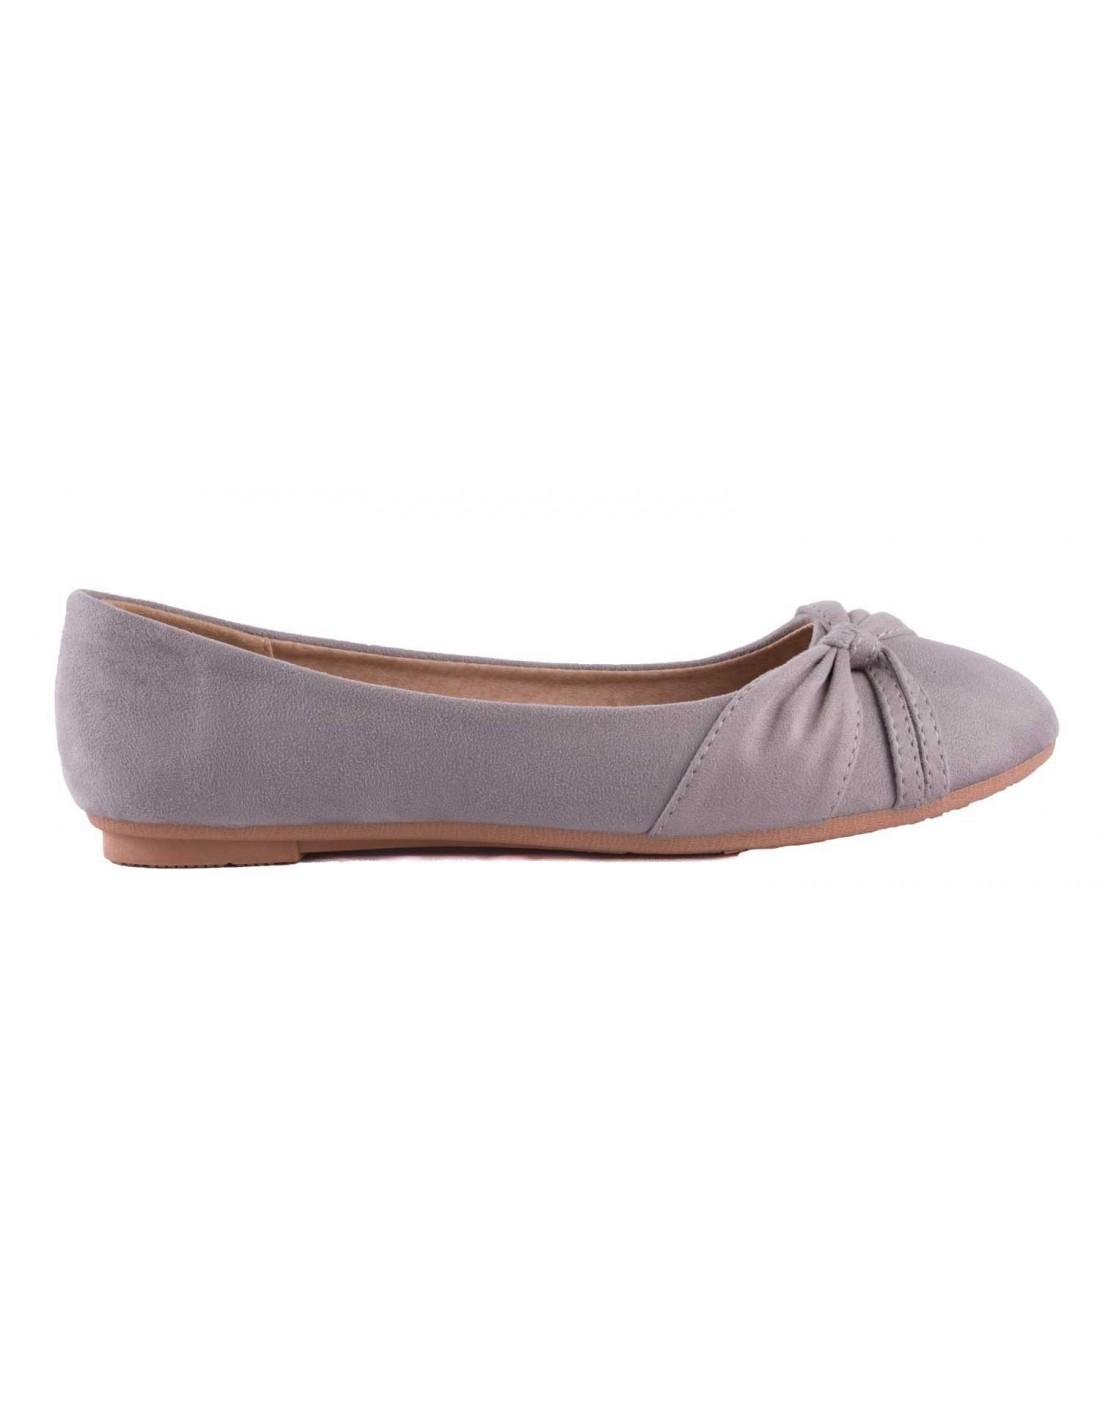 b5f97a2f6ba1c ... Ballerine grise en daim synthétique noeud fantaisie semelle confort  chaussure été femme ...